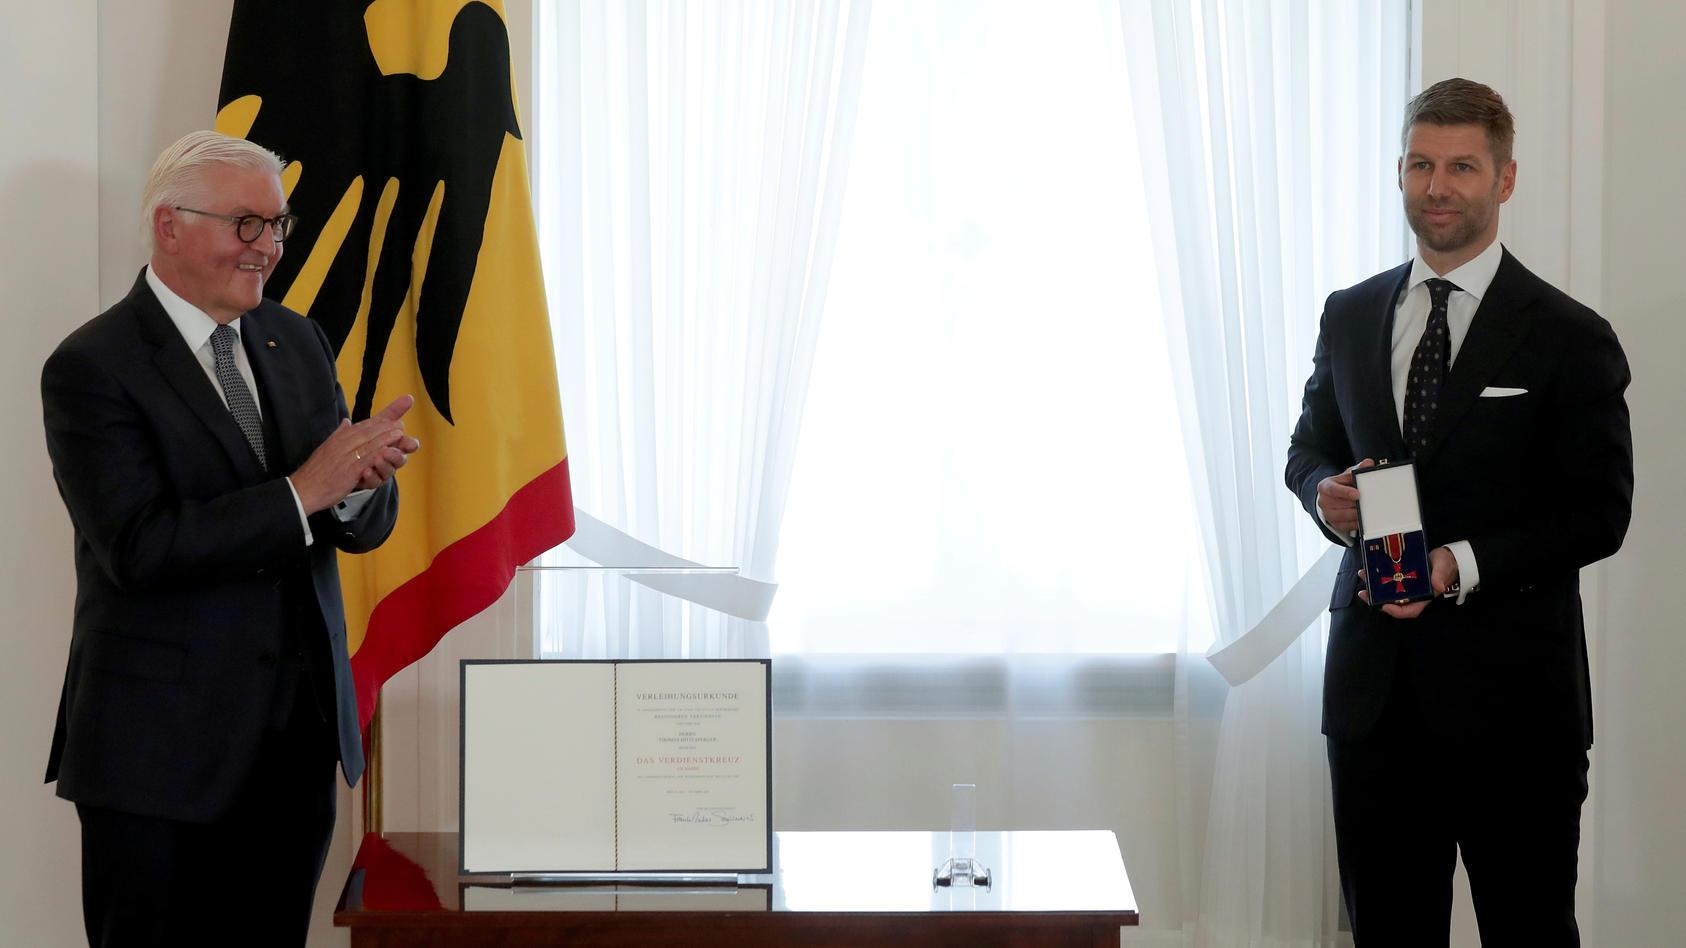 Germany's Steinmeier awards order of merit